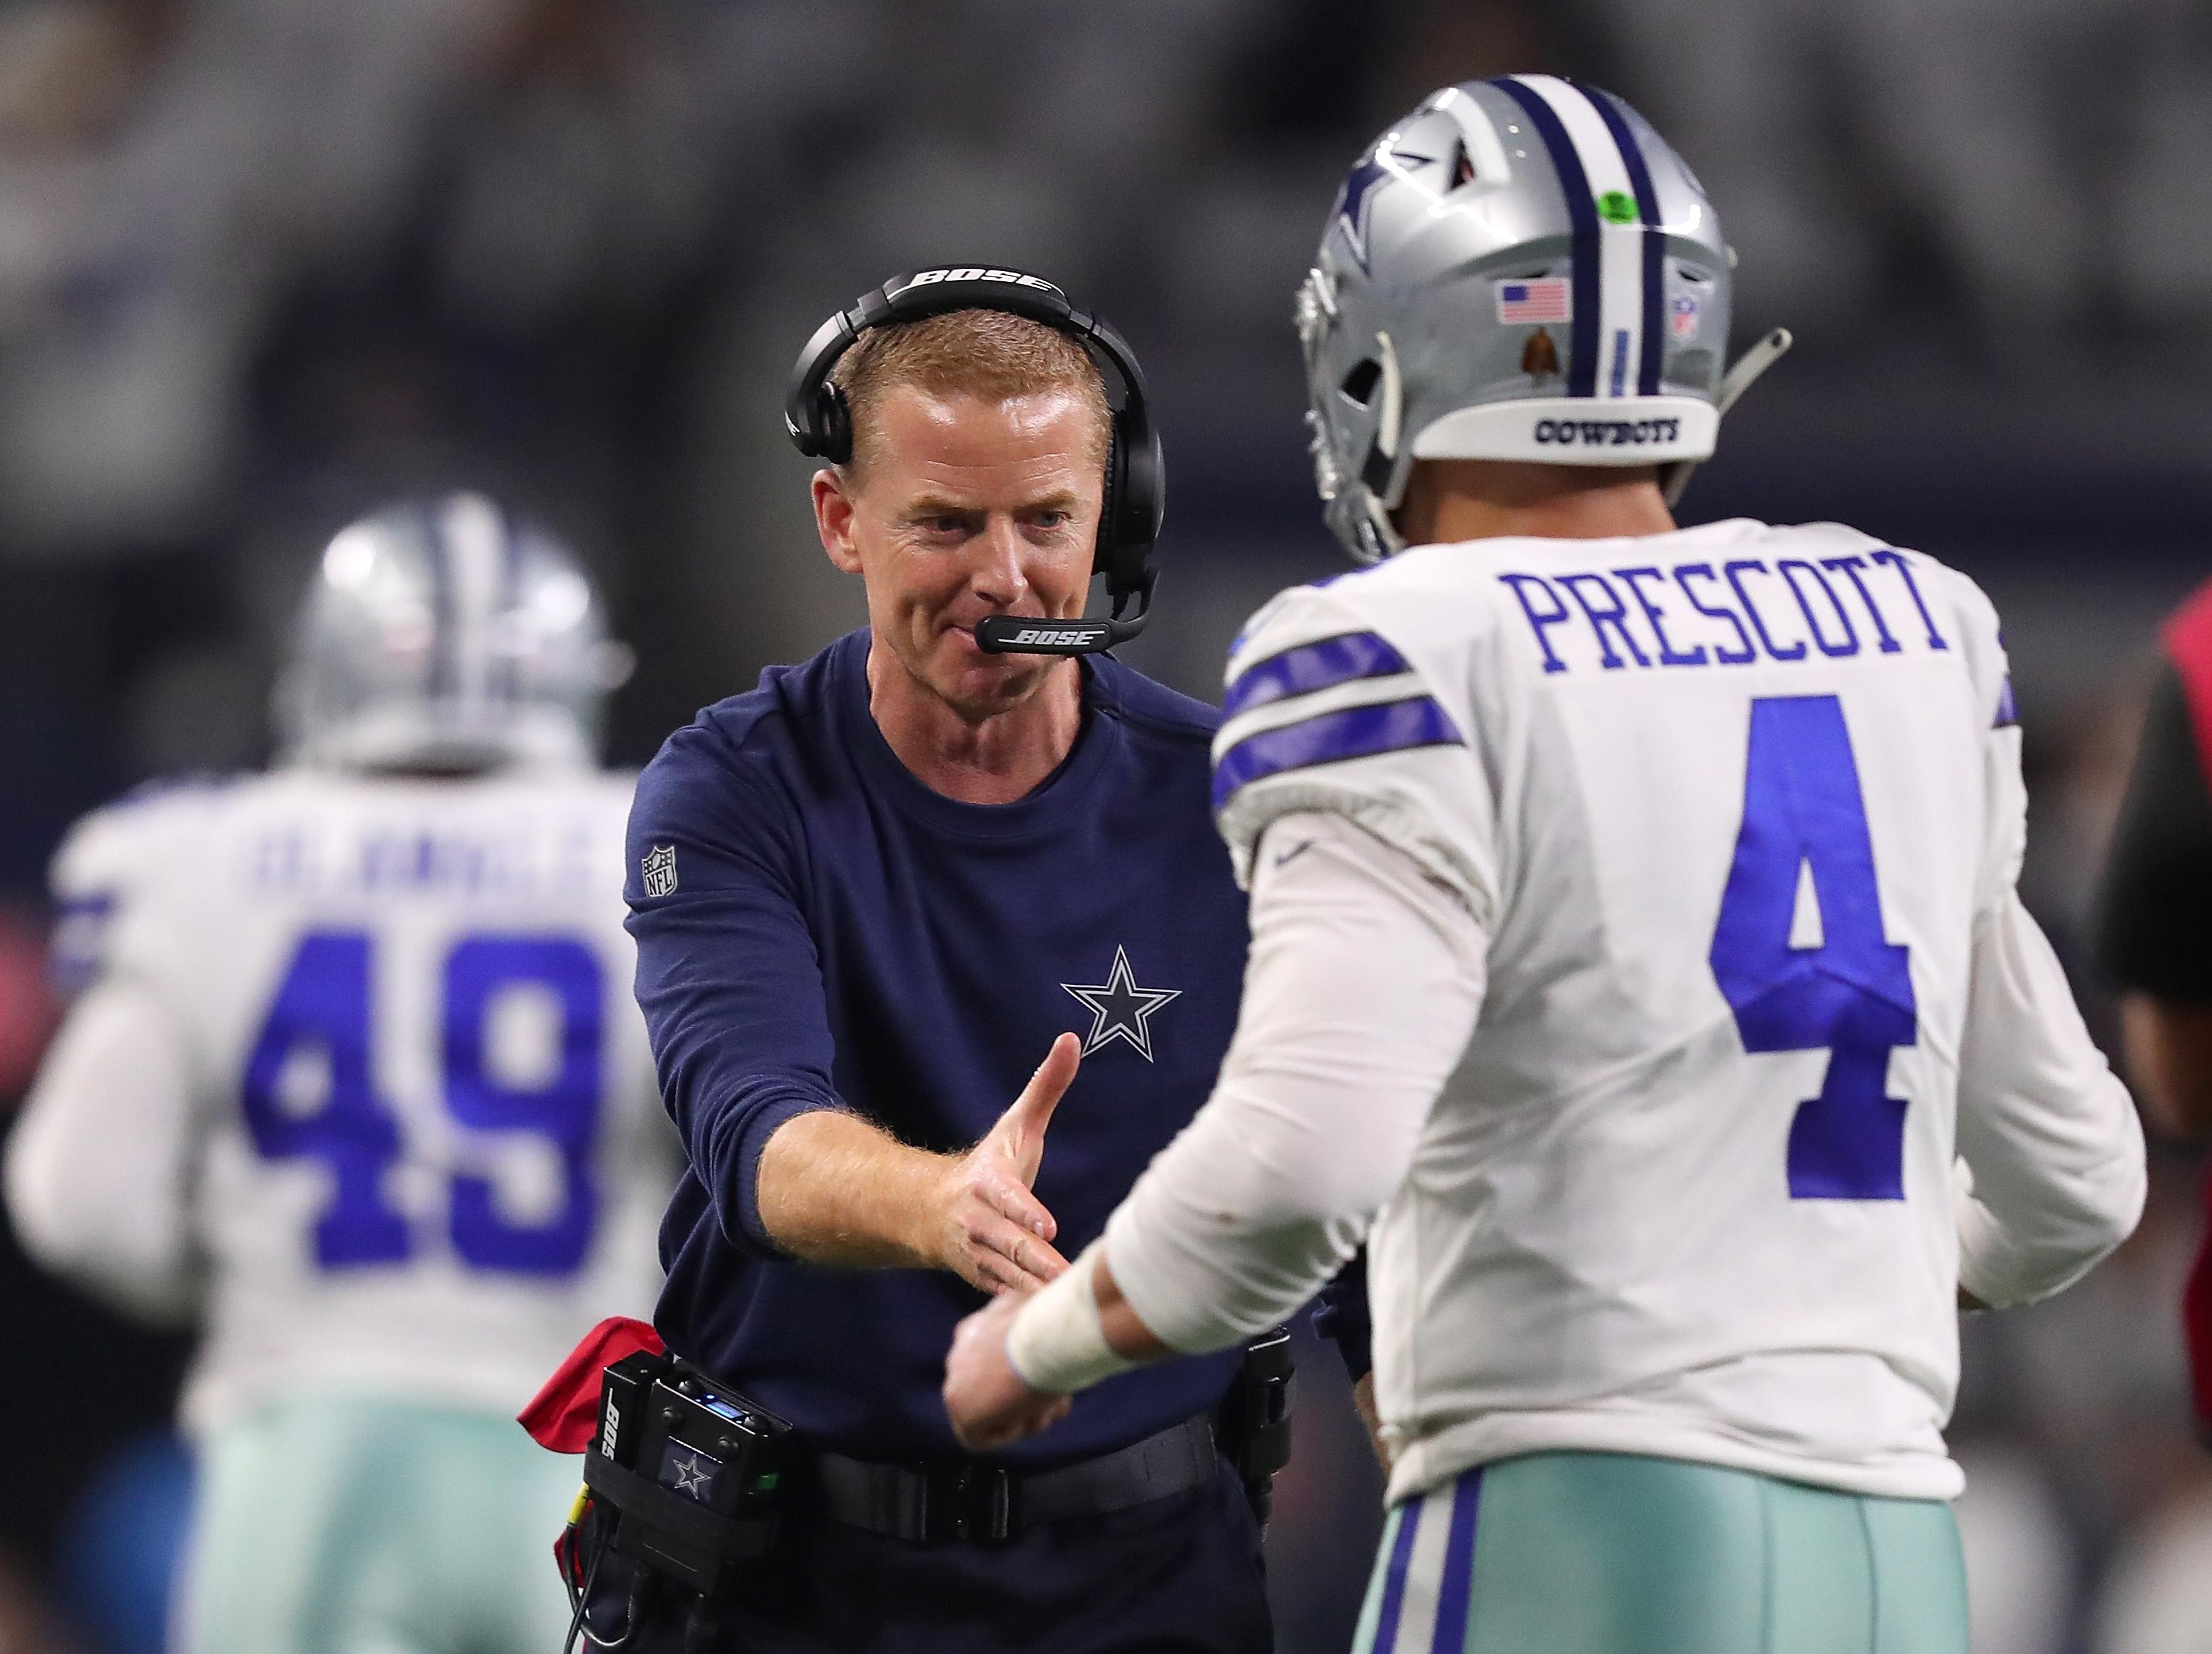 Dallas Cowboys HC Jason Garrett congratulates QB Dak Prescott during the Wild Card playoff game against the Seattle Seahawks, Jan. 5, 2019.